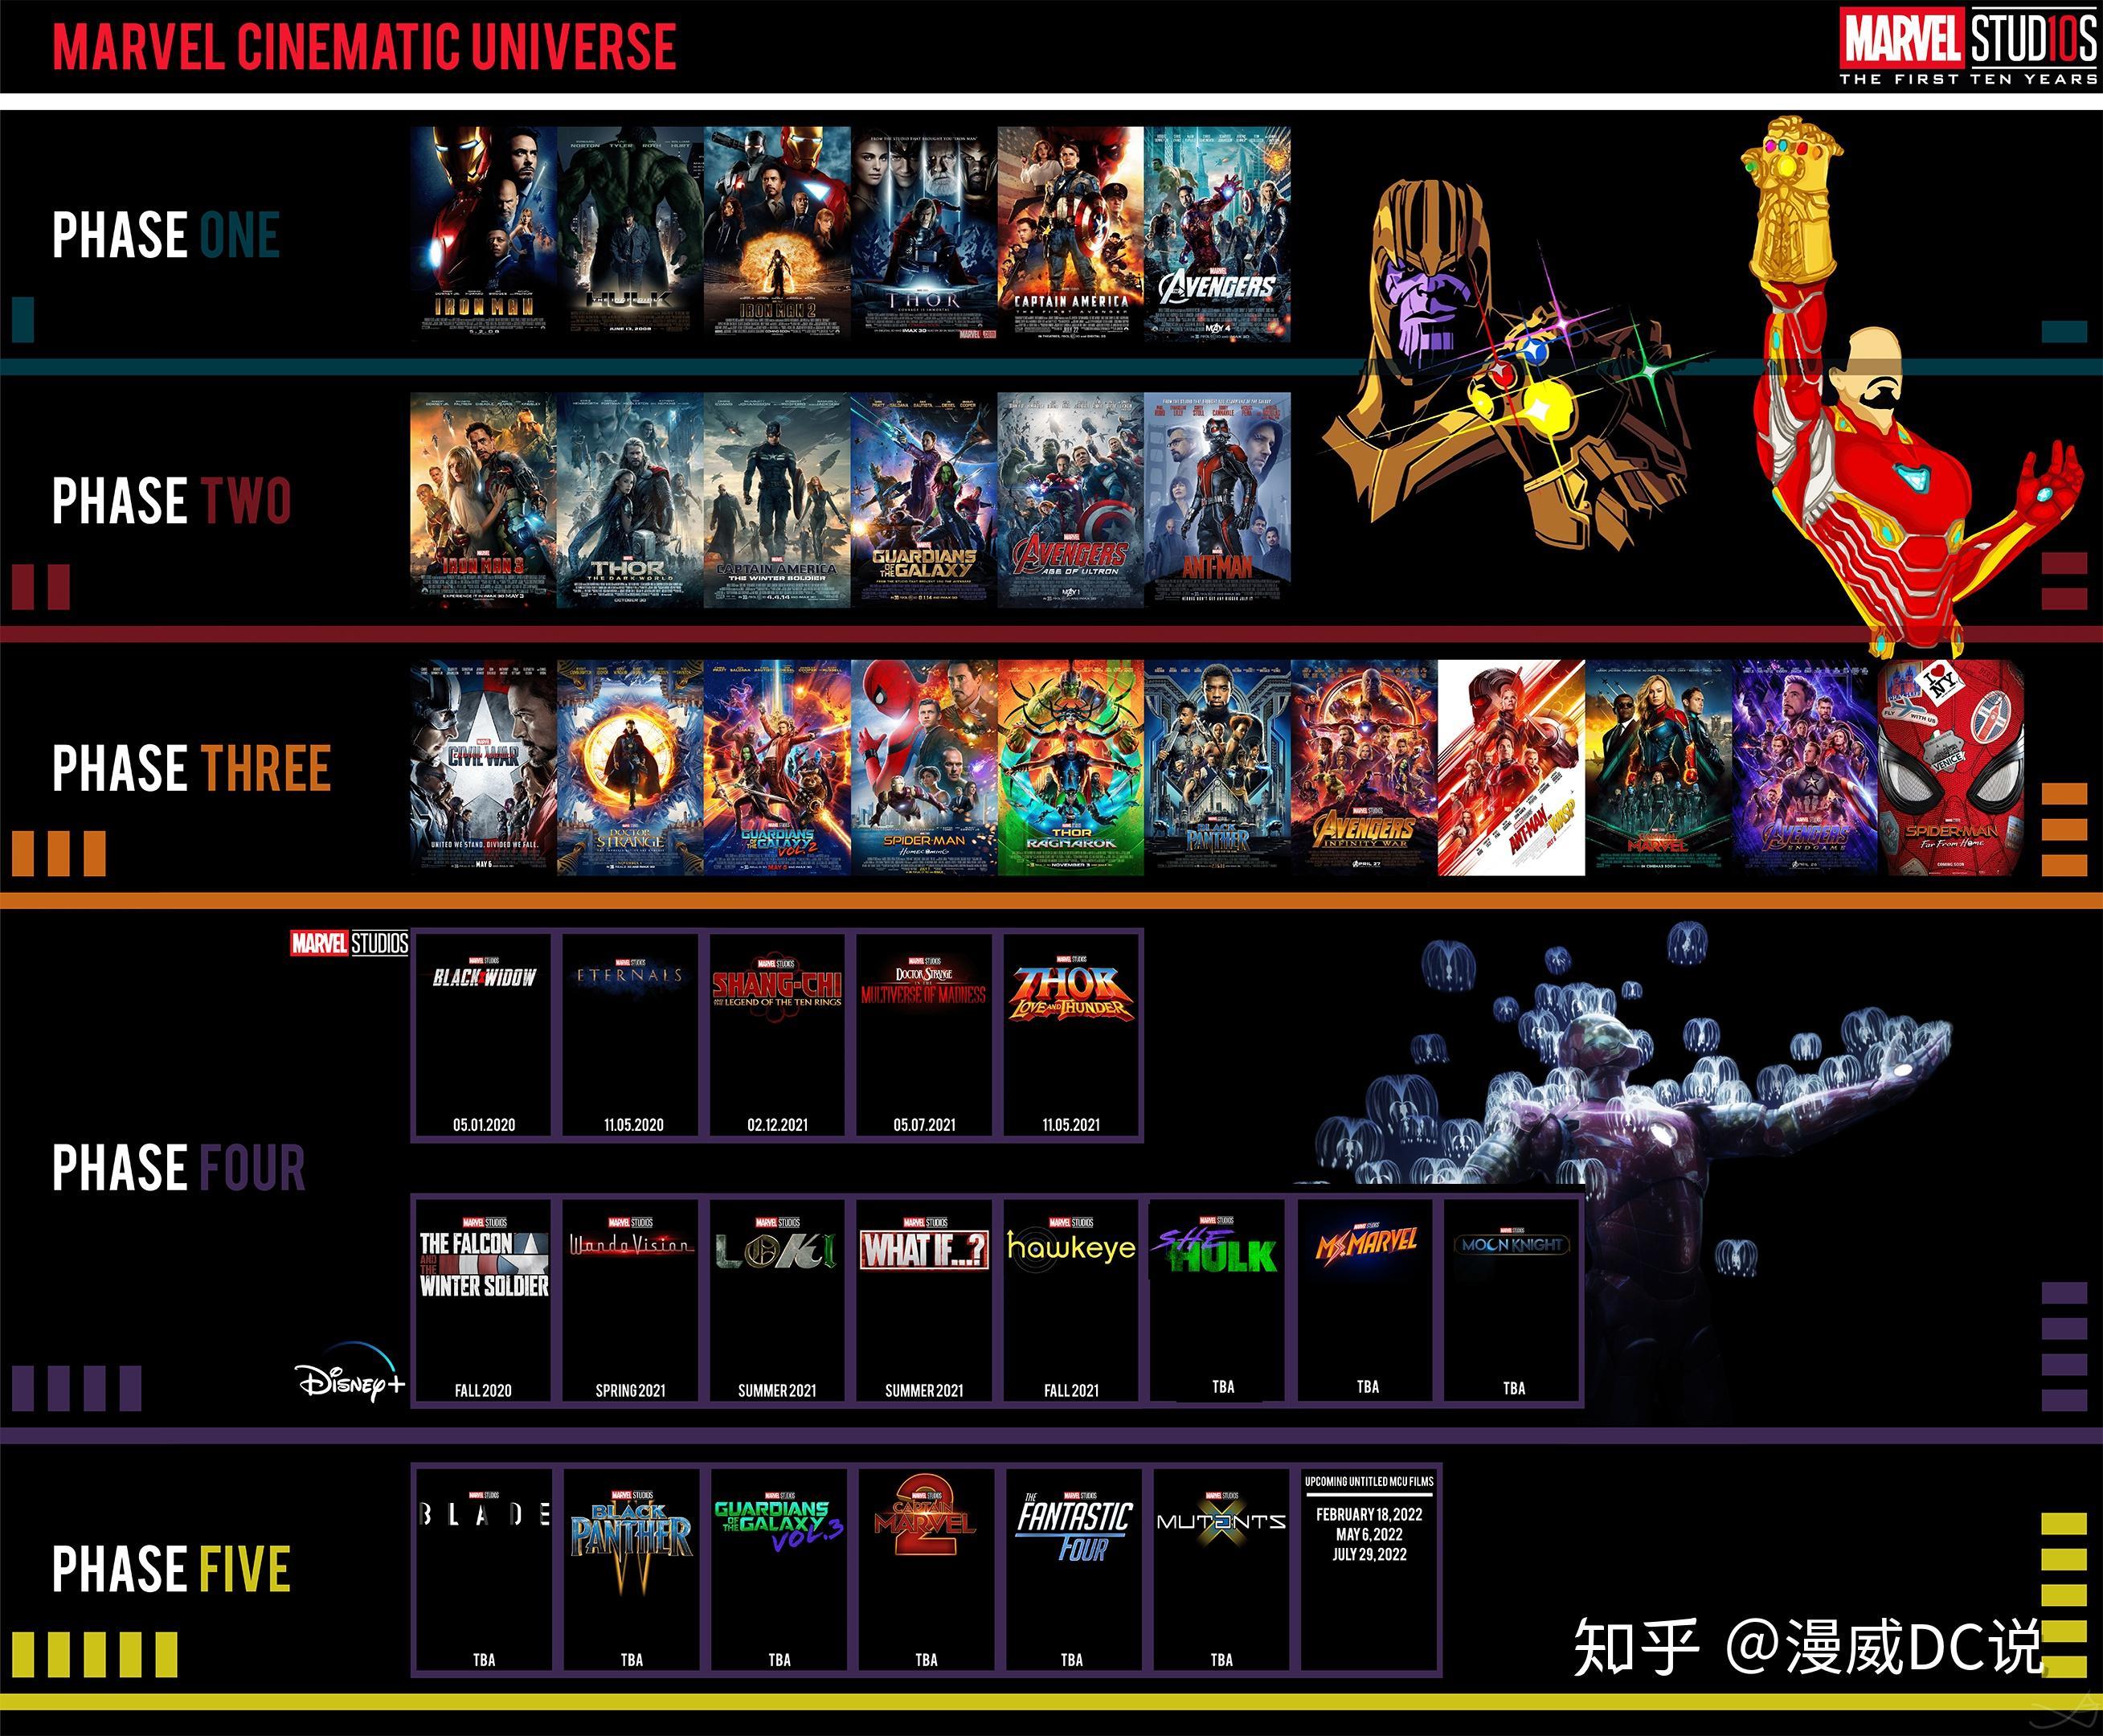 漫威DC電影宇宙正確觀影順序(全) - 知乎